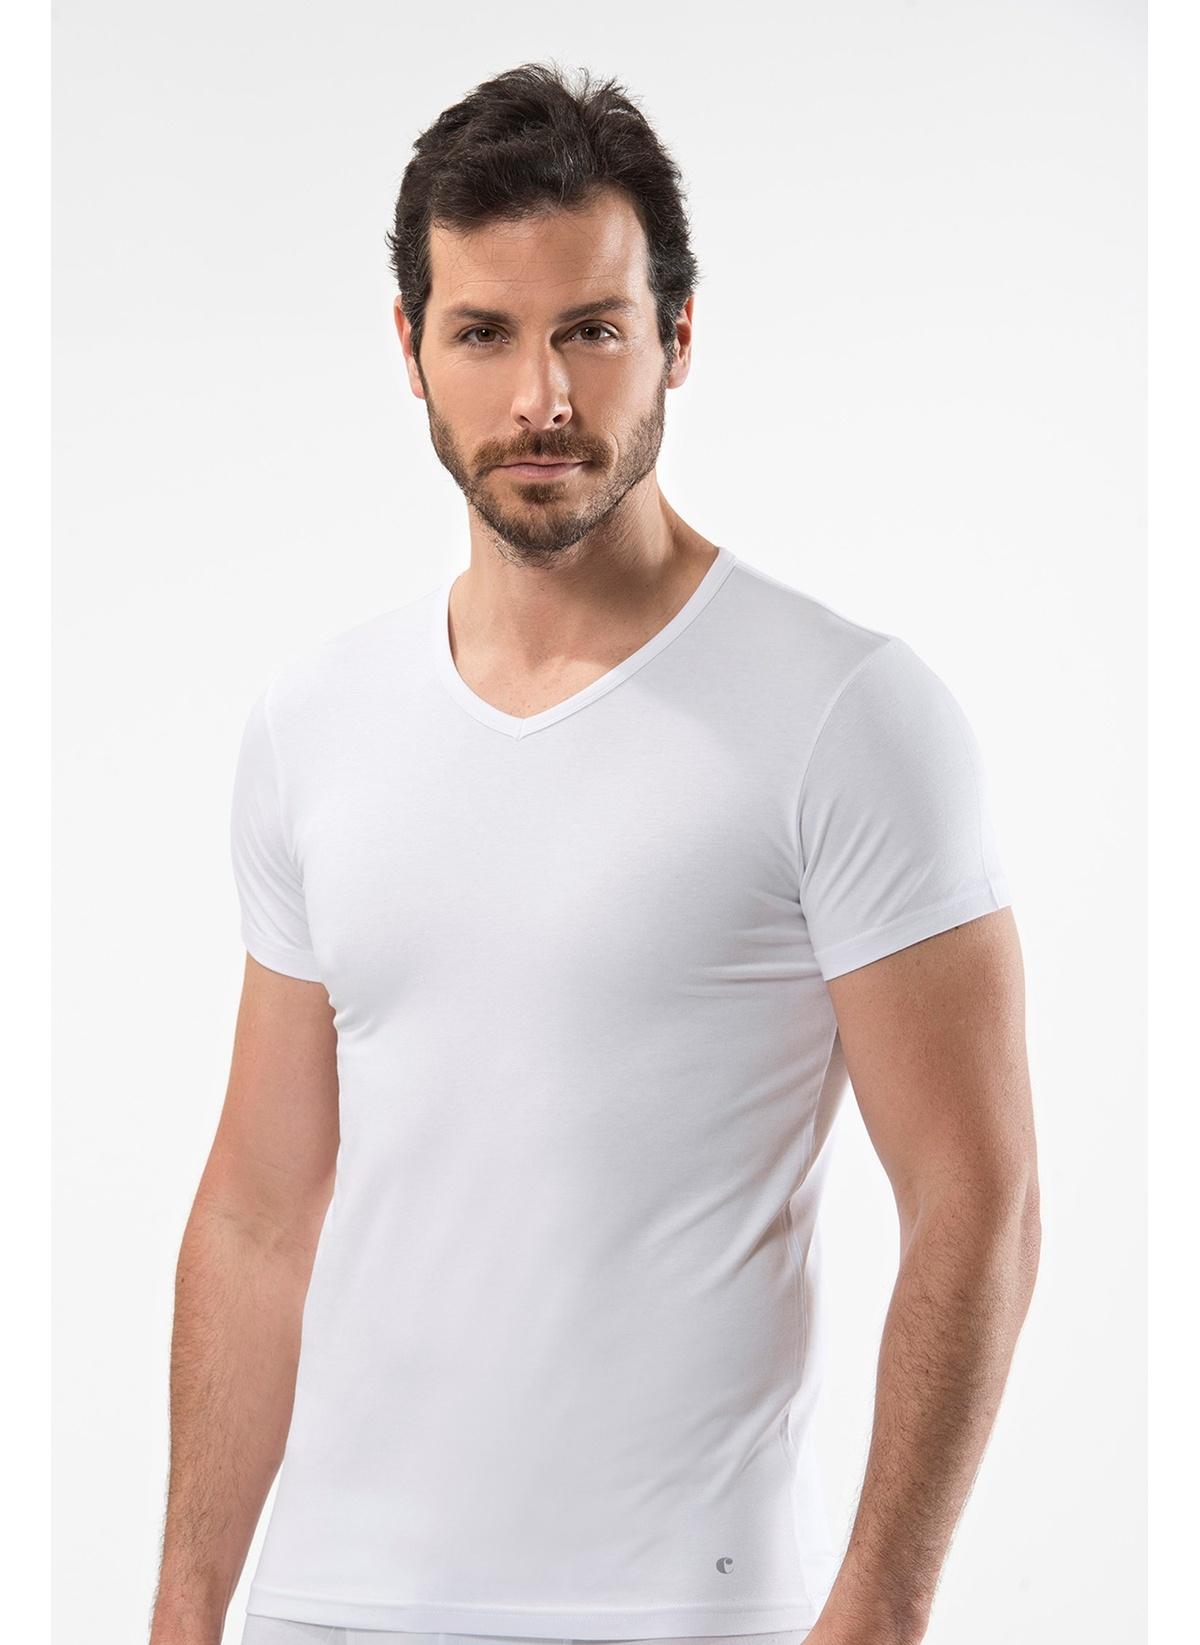 Erkek Cacharel Tişört